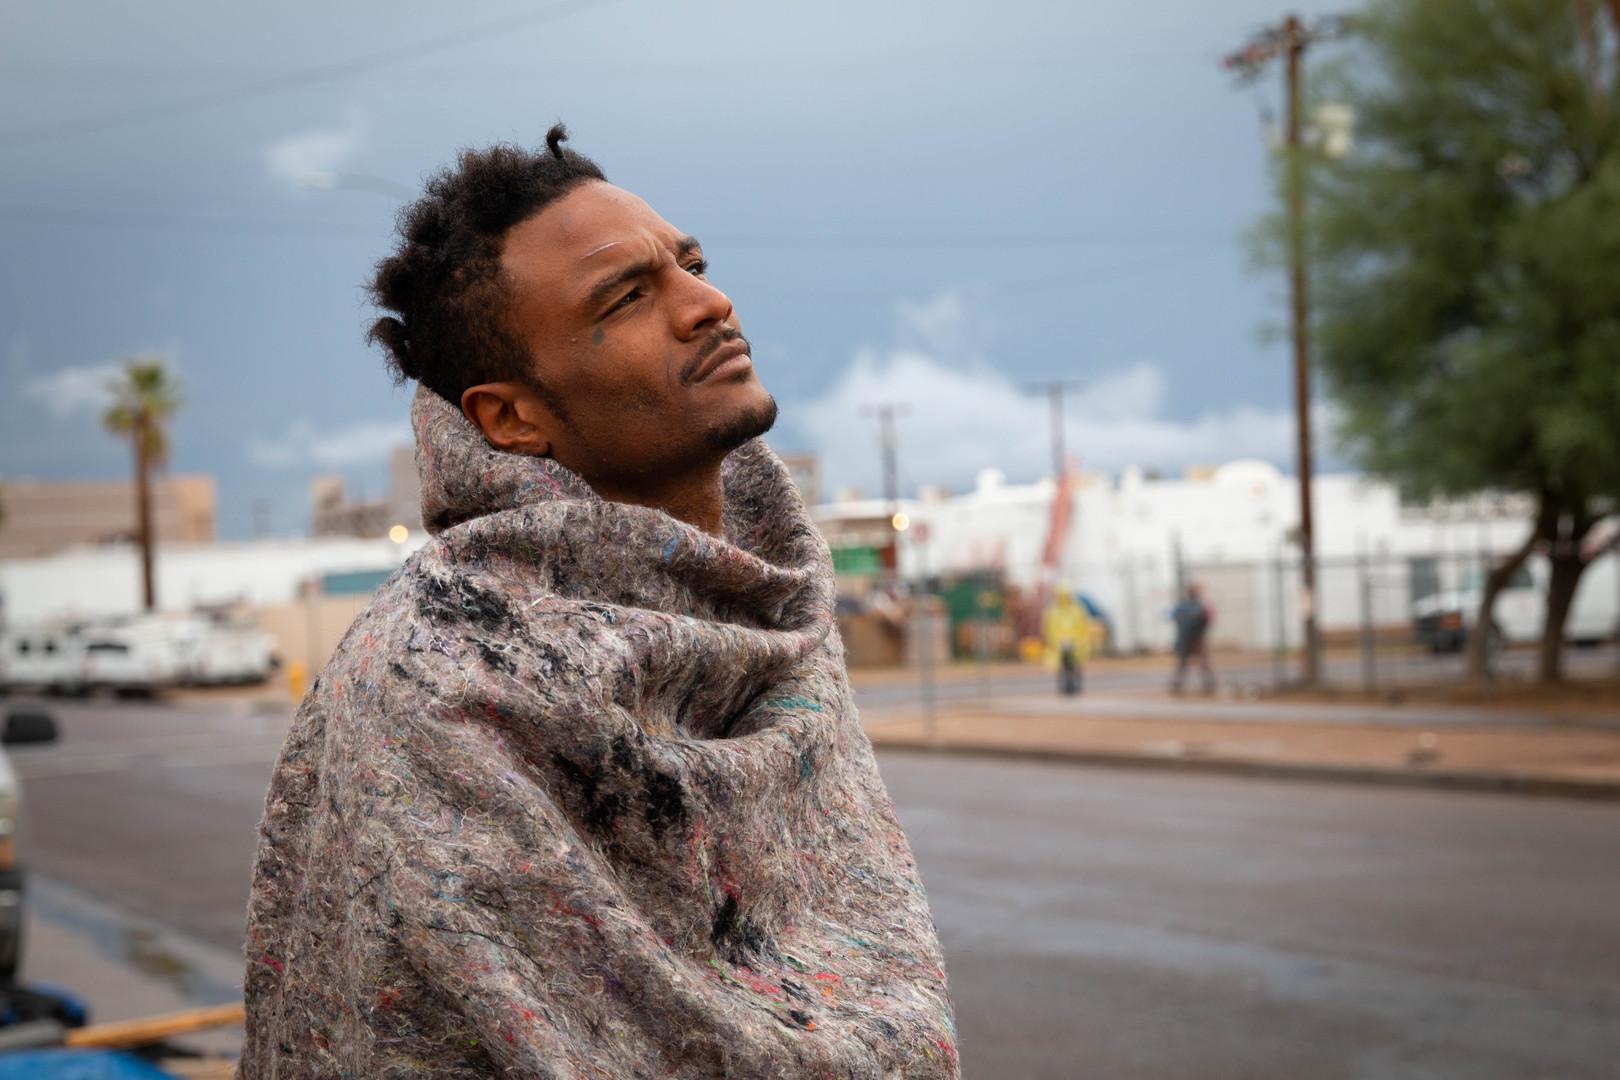 dj_homeless-39.jpg